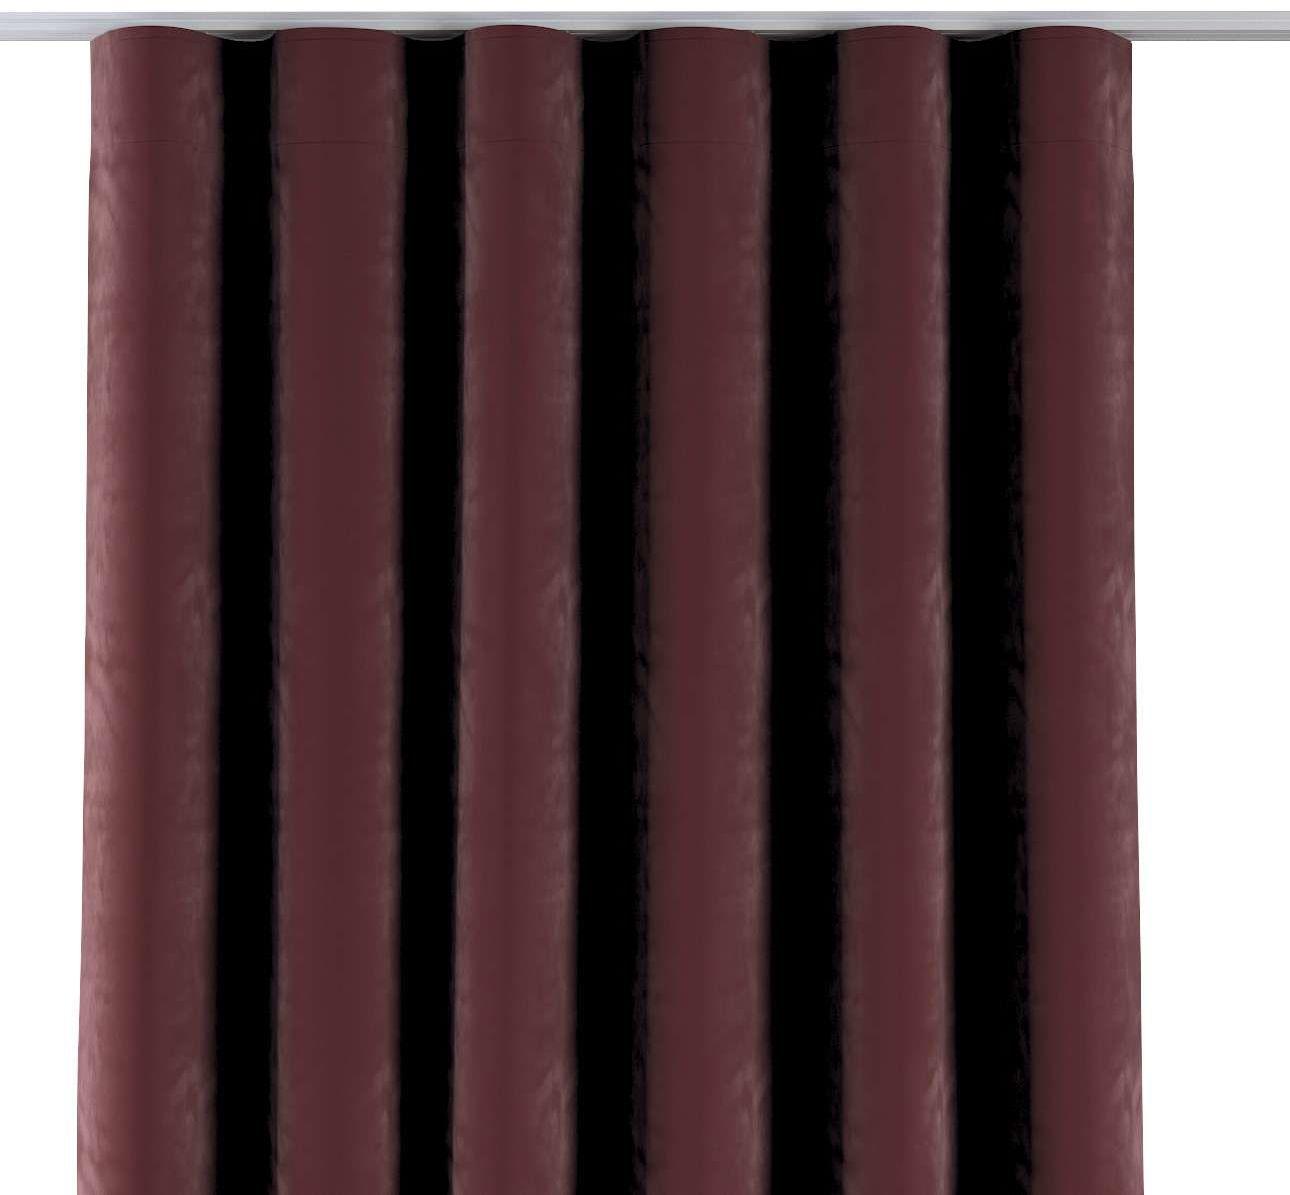 Zasłona na taśmie wave, bordowy, 1szt 65  280 cm, Velvet